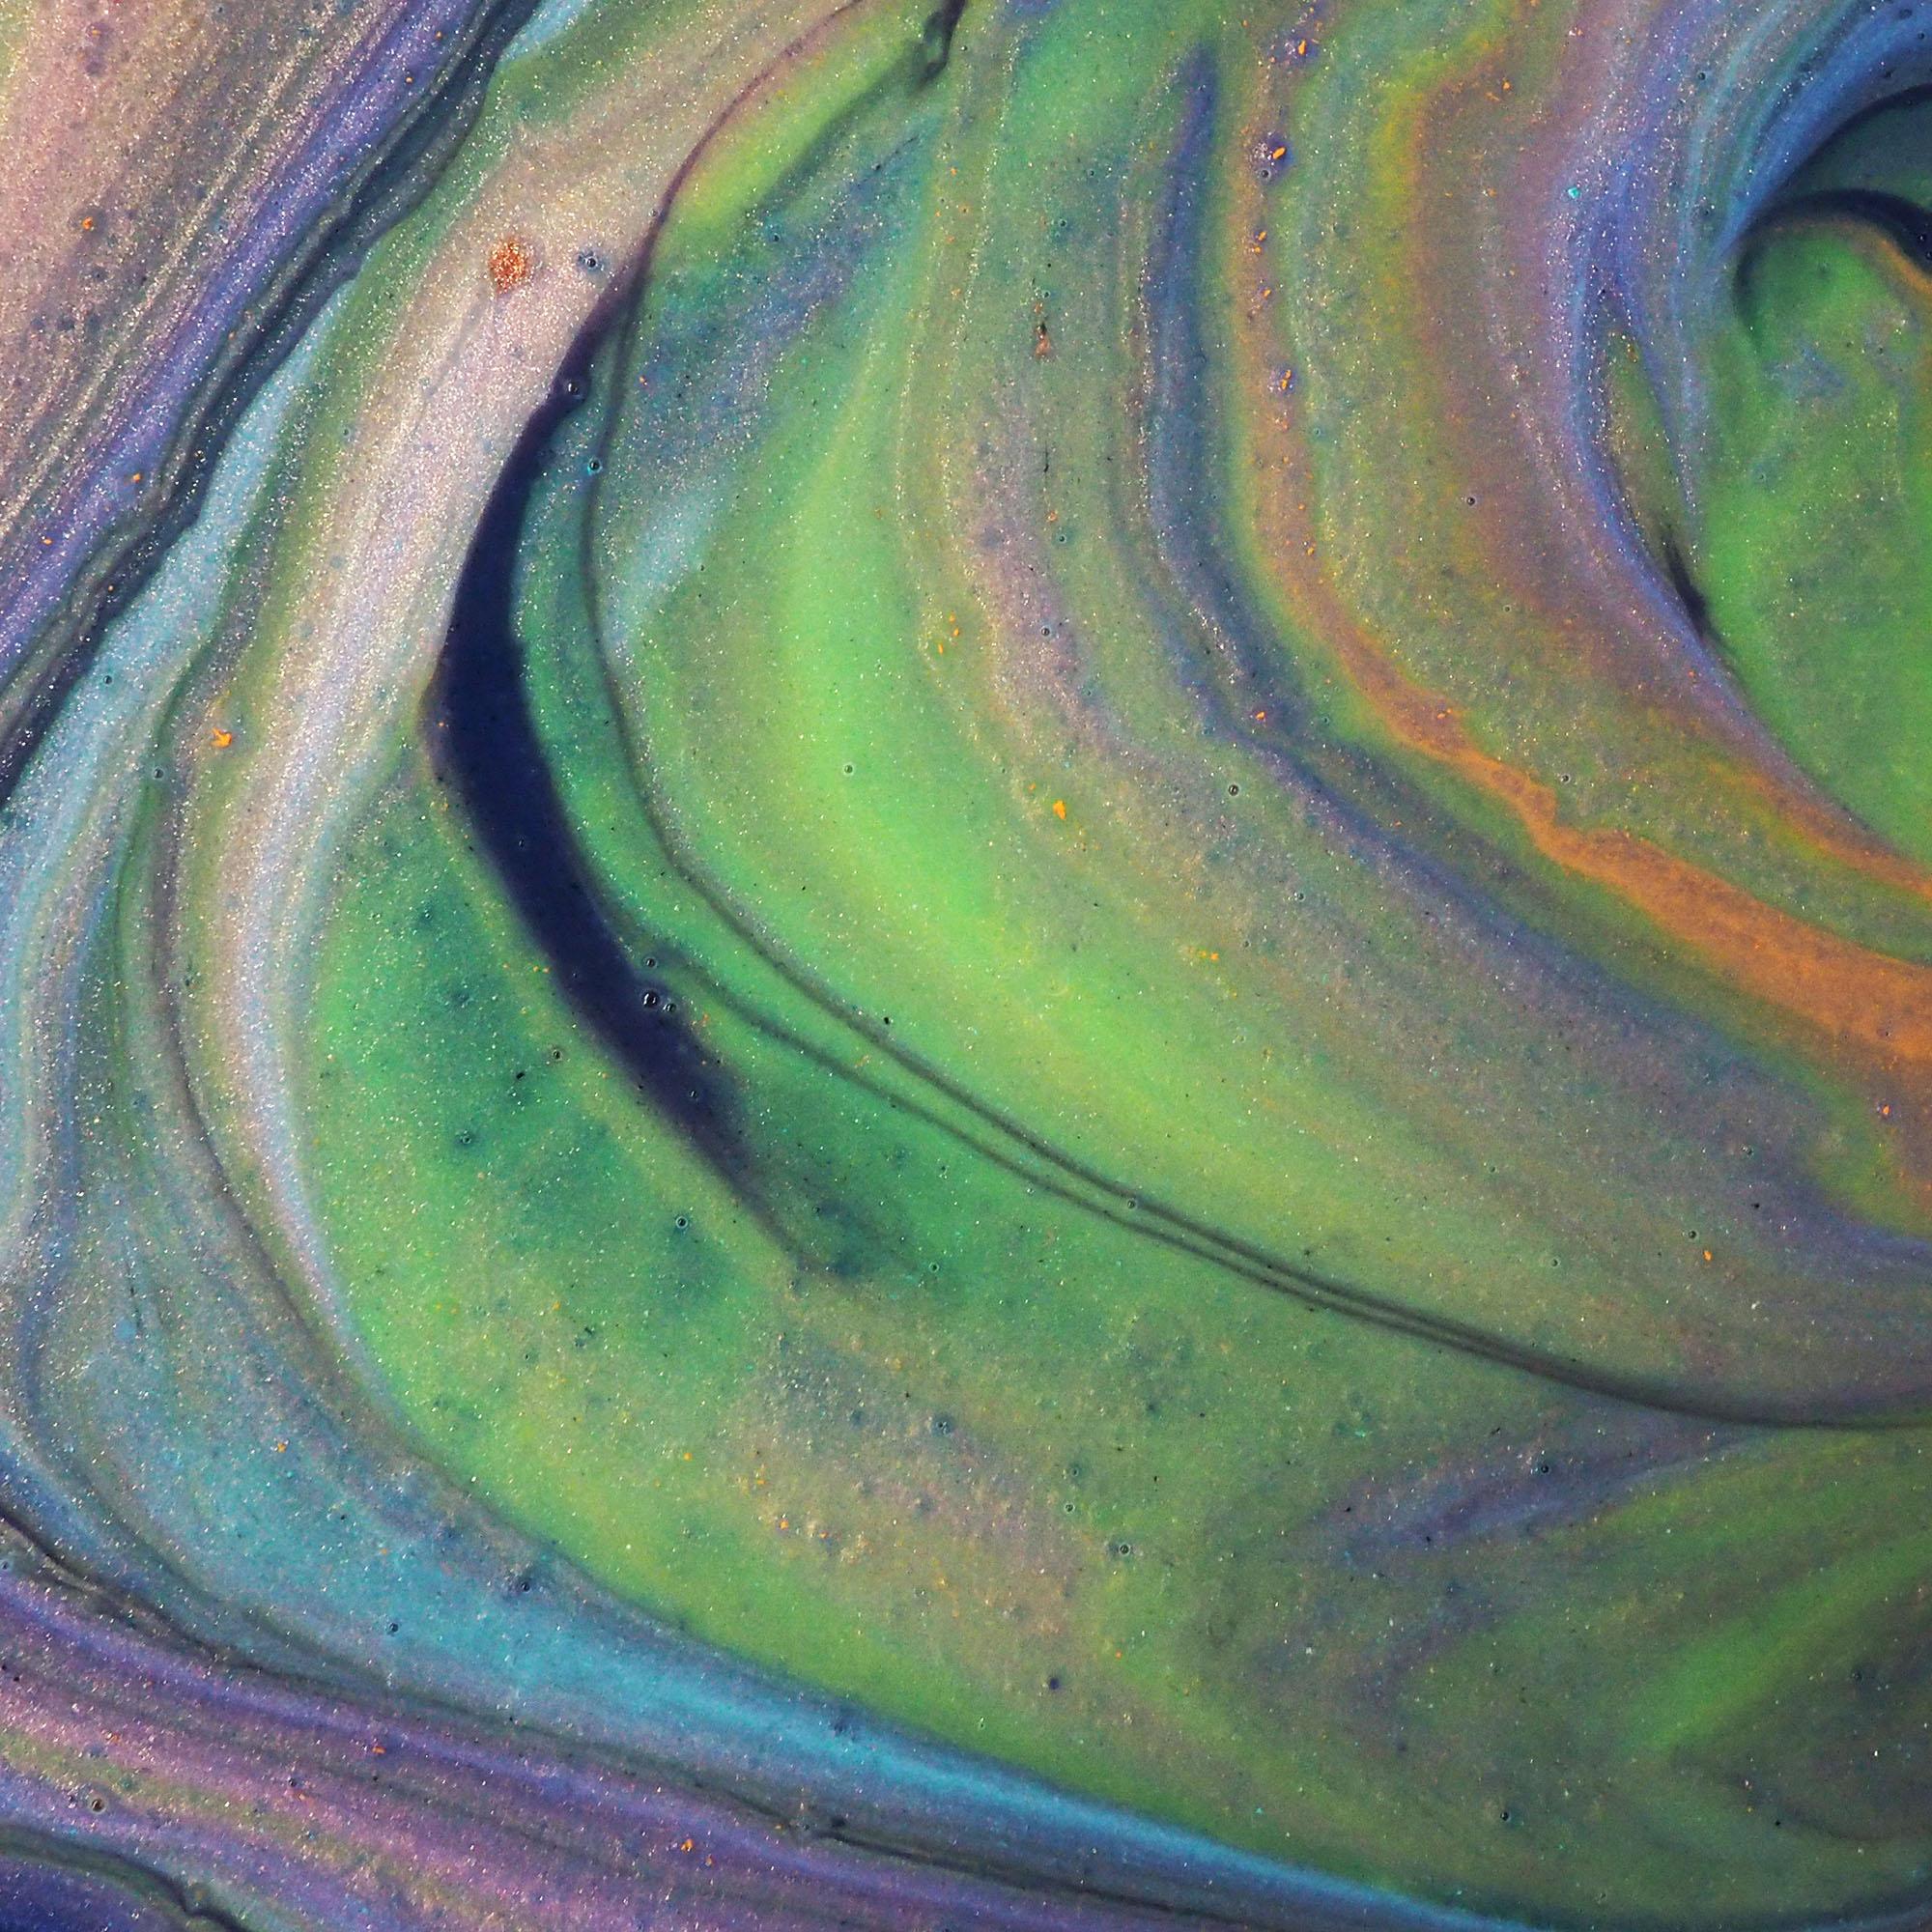 greenswirl1-sm.jpg